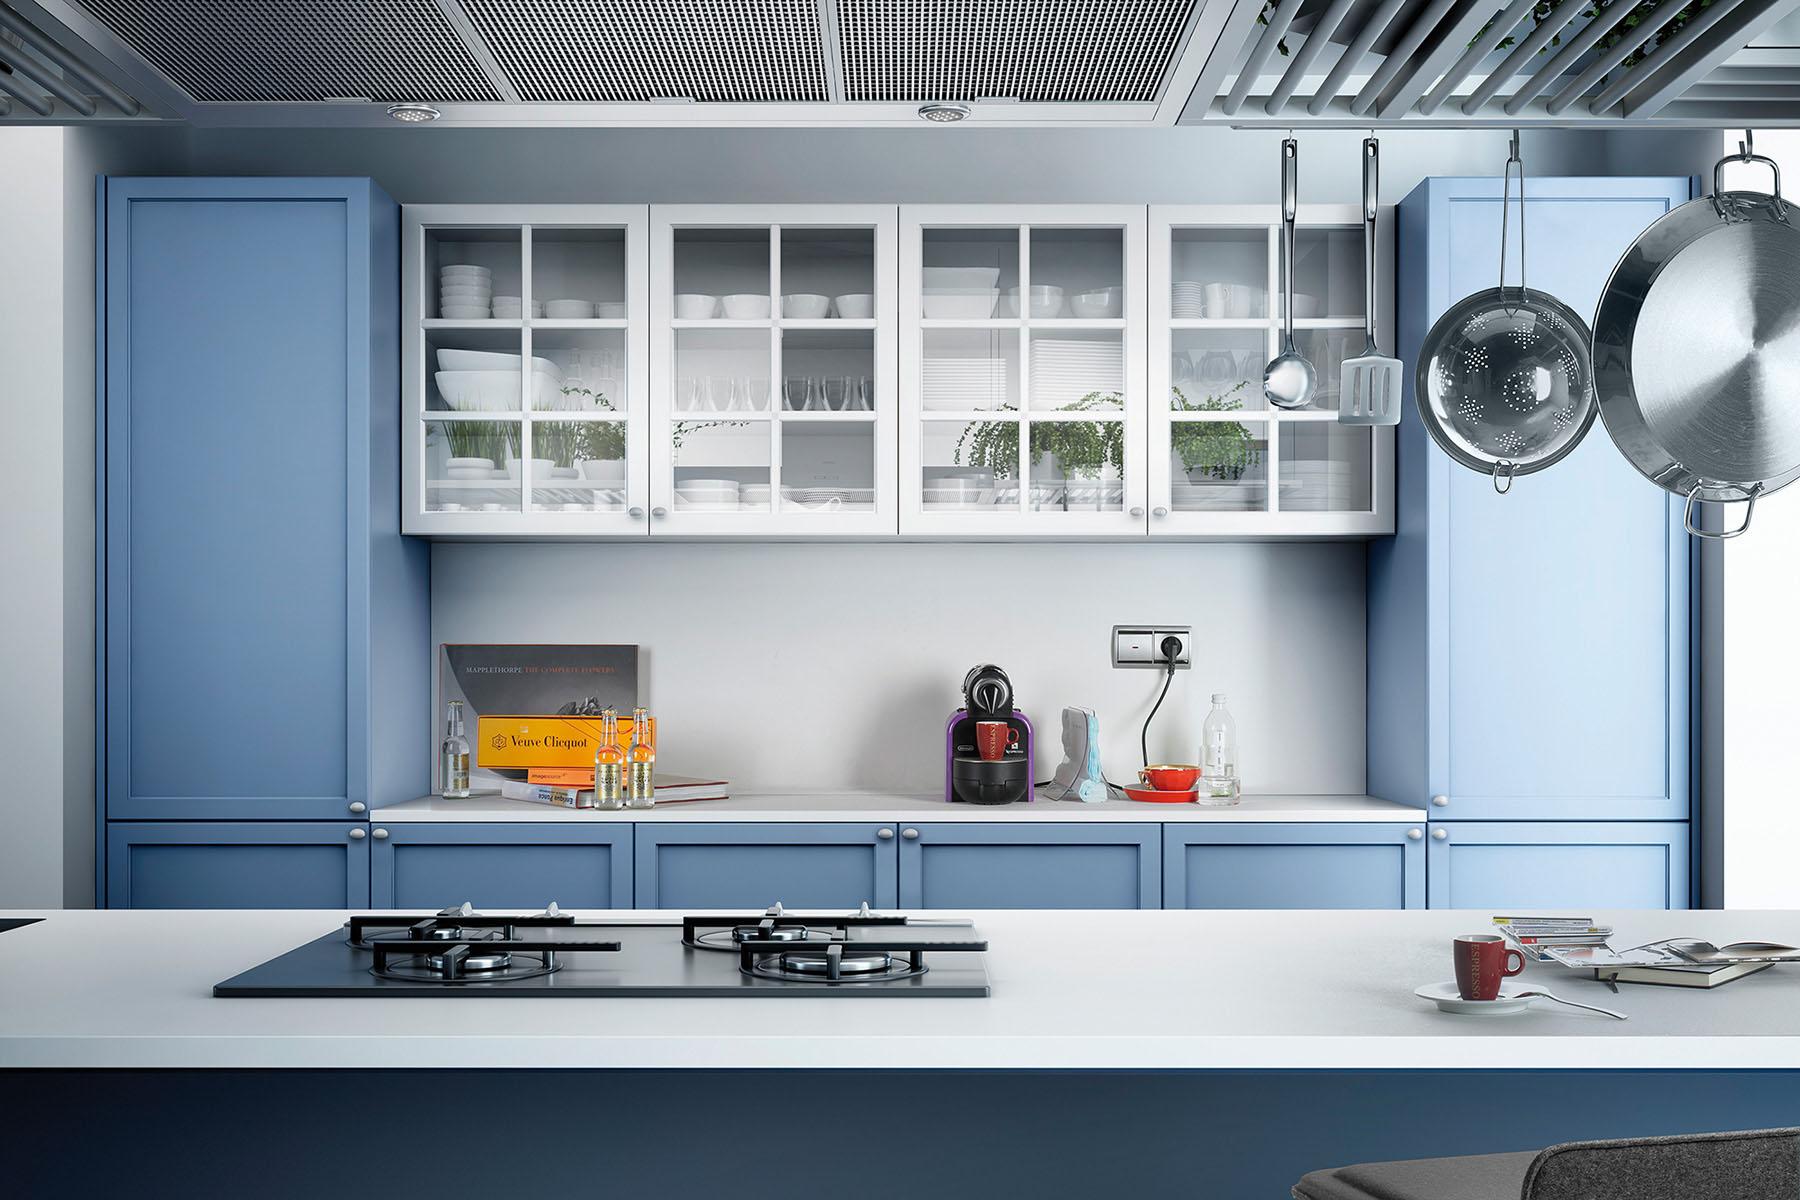 Cocina LOGOS Modelo SENZA